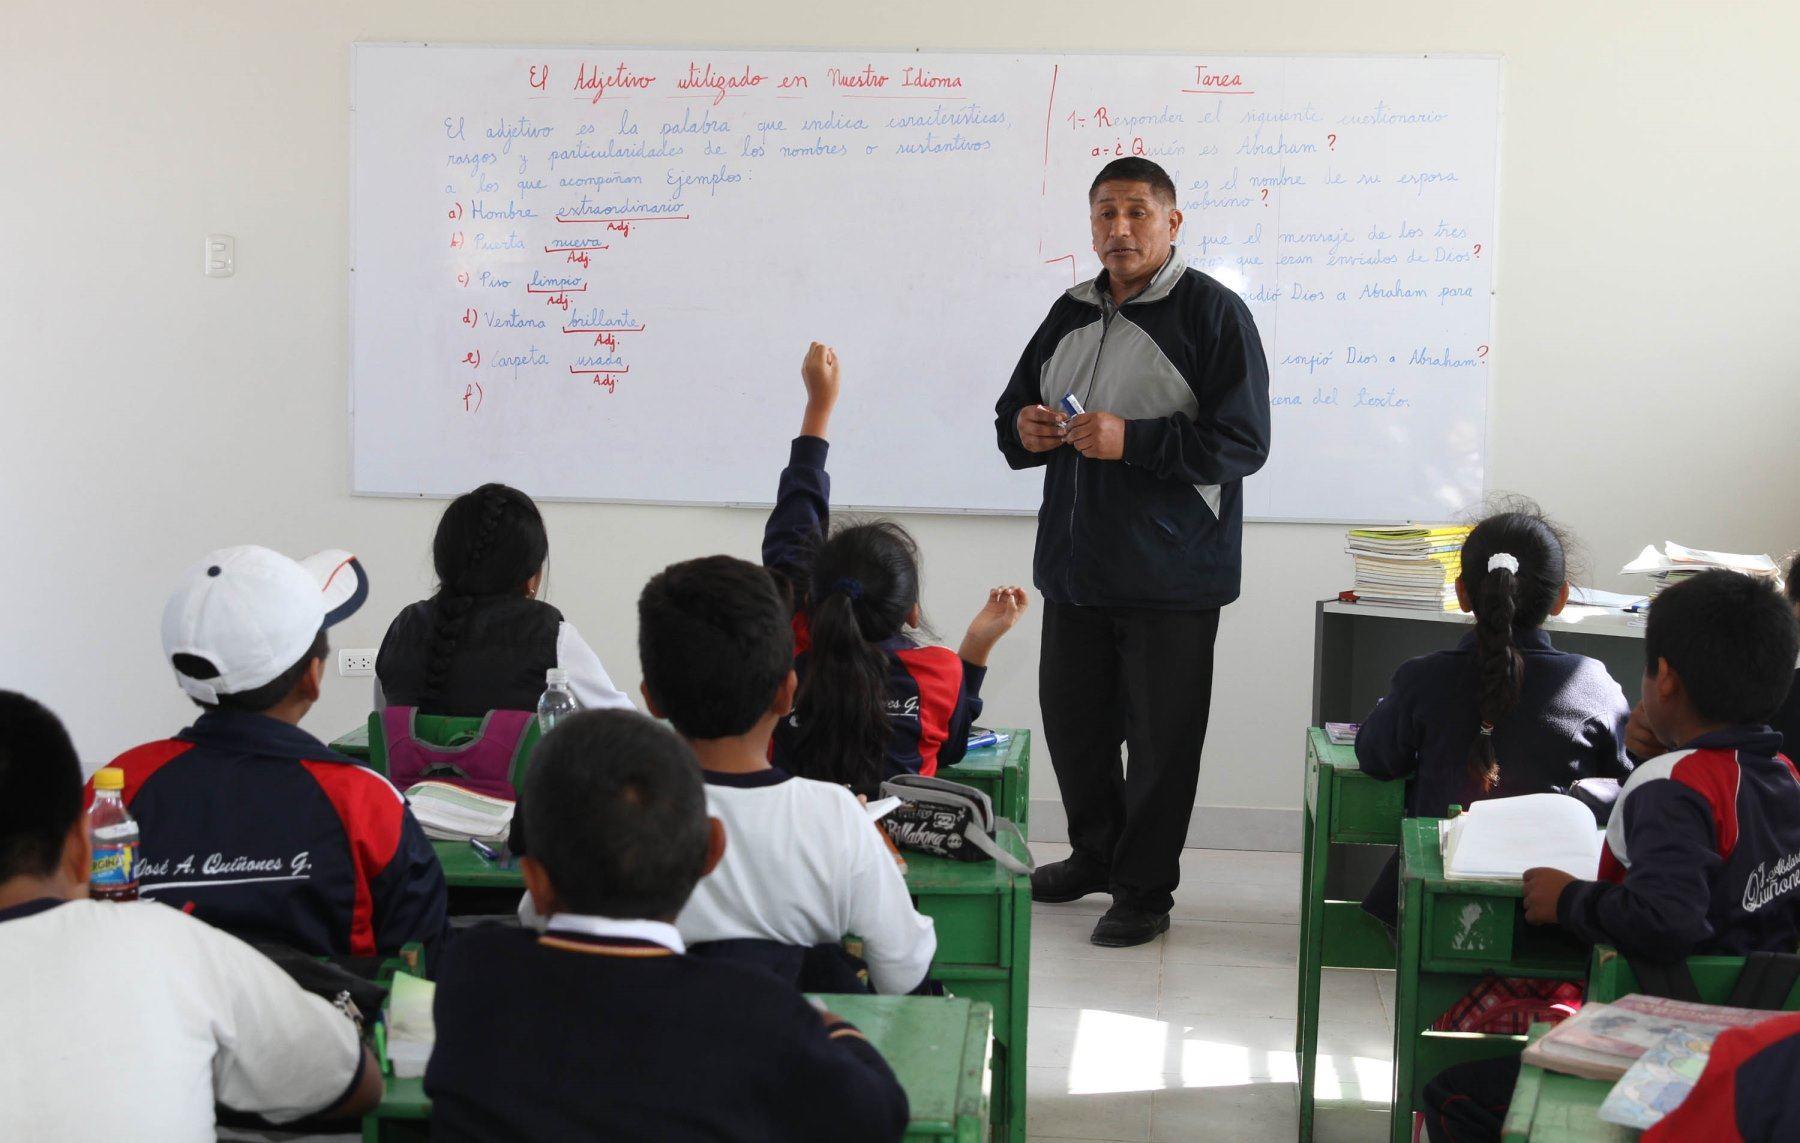 Alumnos deberán recuperar las horas de clases perdidas hasta enero del 2020, recordó la Defensoría del Pueblo. Foto: ANDINA/Difusión